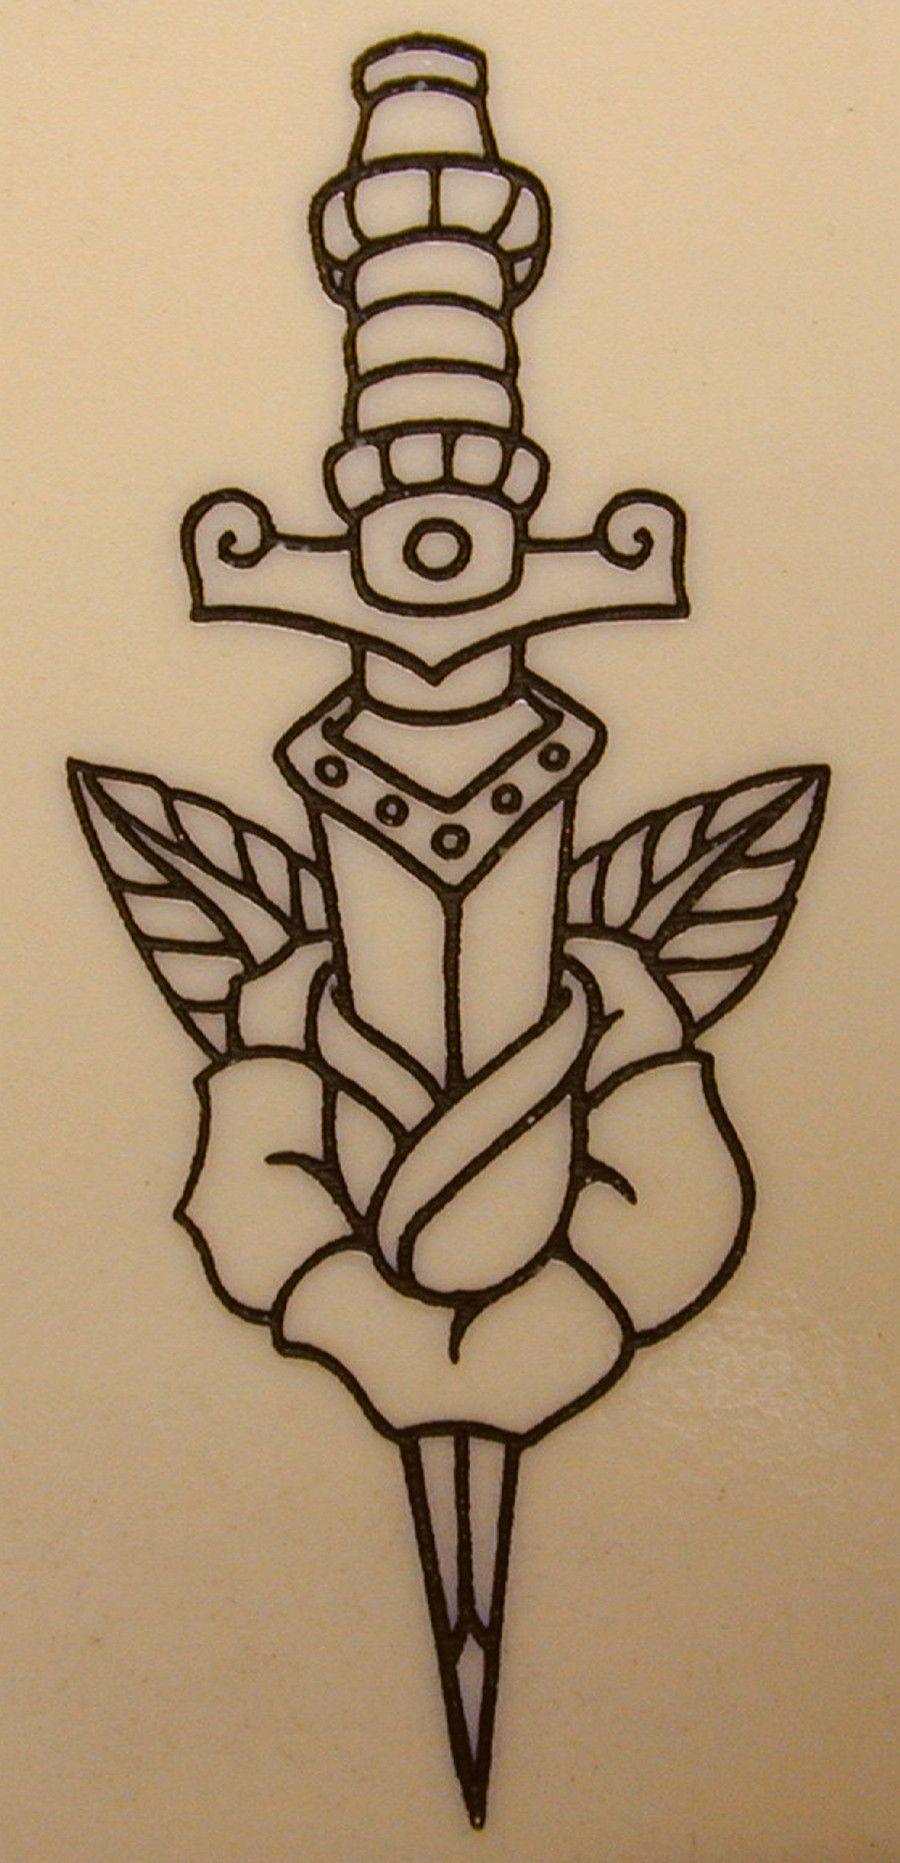 Bocetos De Tatuajes Tradicionales knife with rose tattoo - google search | dibujos de tatuajes